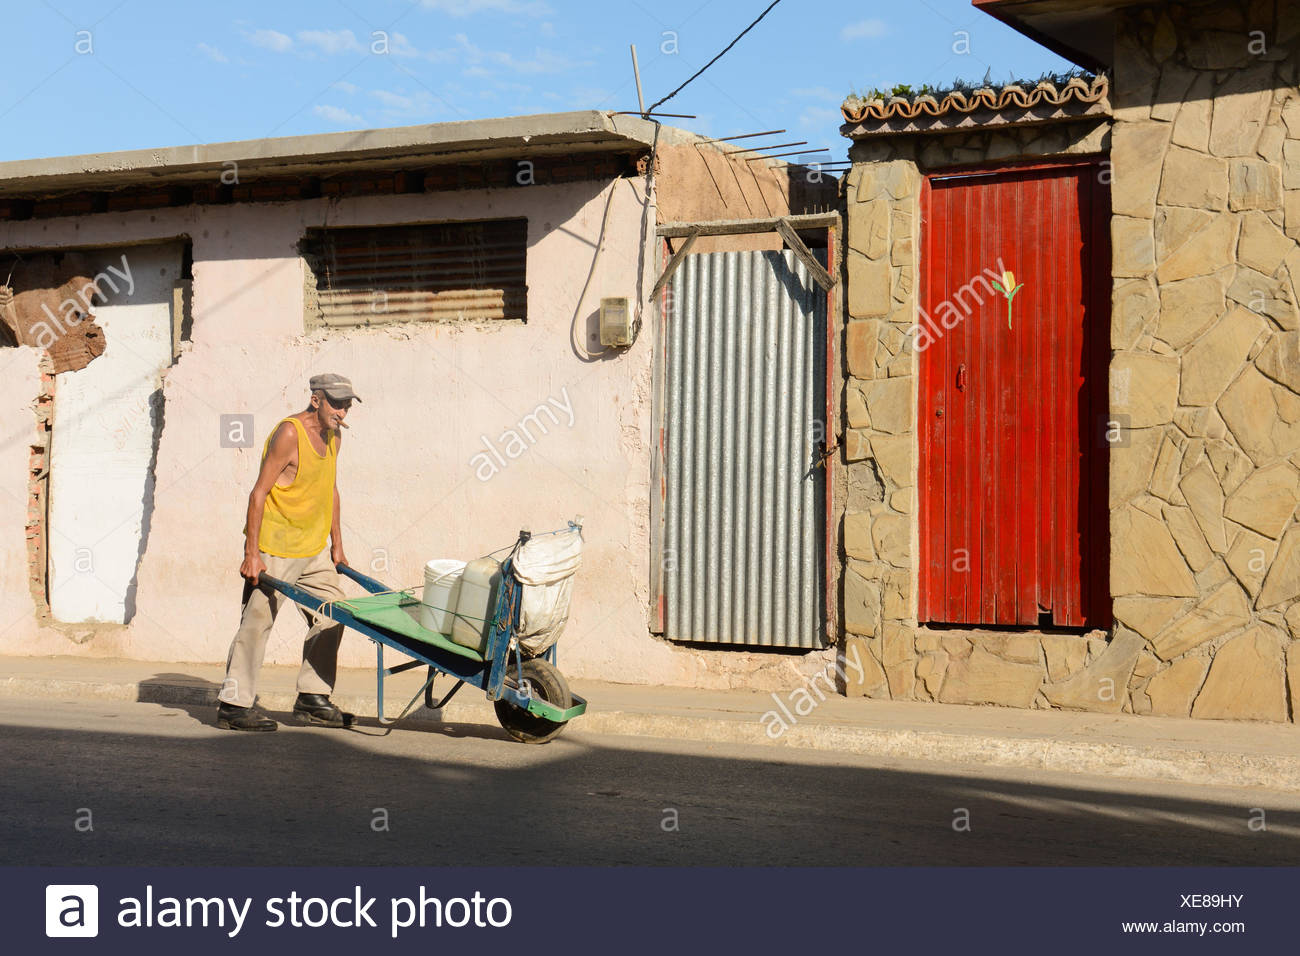 Man pushes wheelbarrow, Trinidad,  Cuba Stock Photo